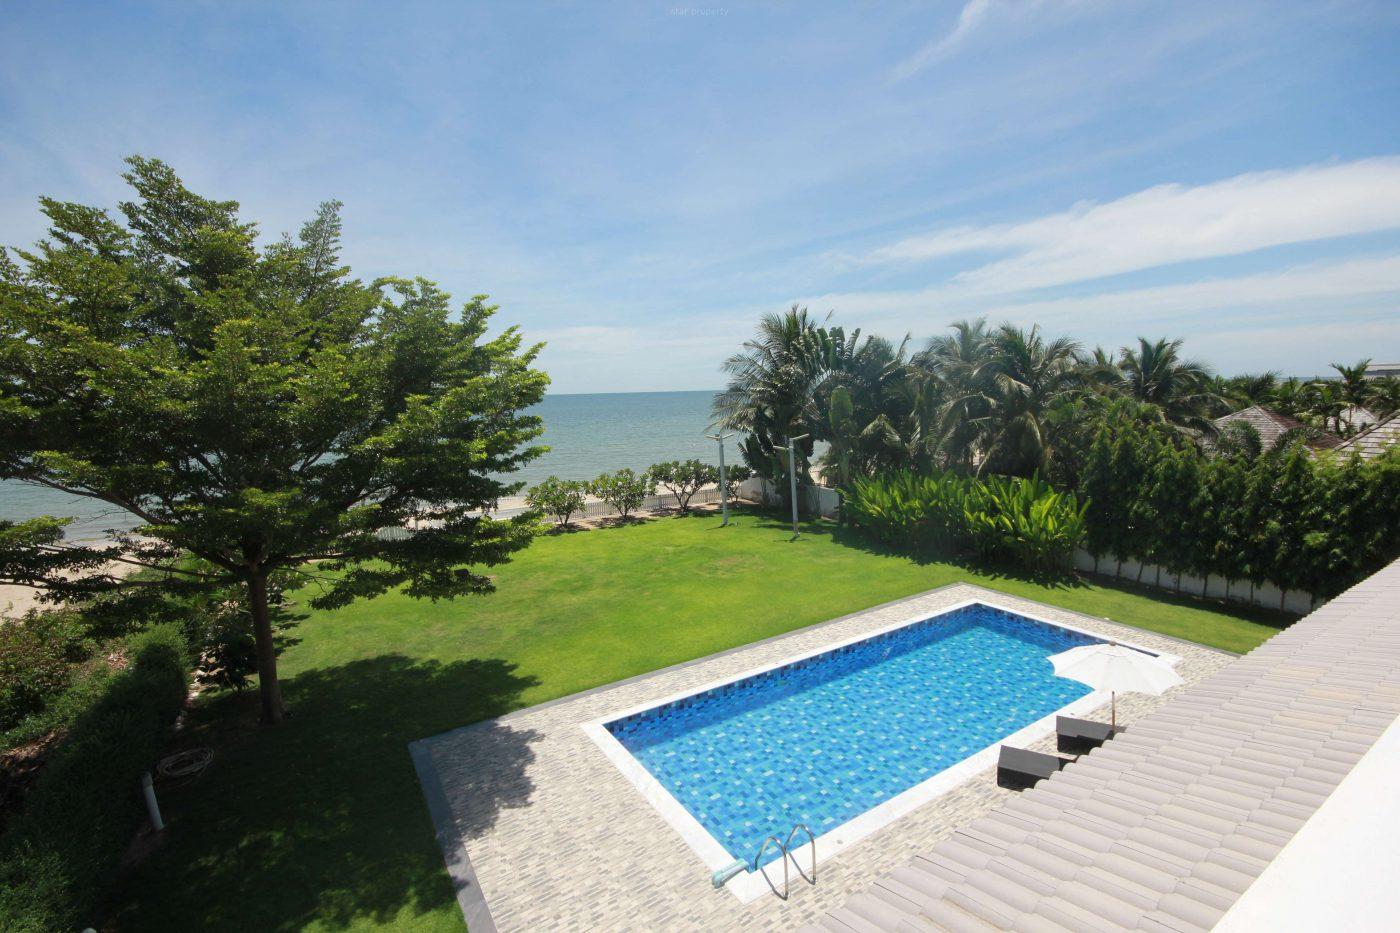 House On The Beach for Sale at Cha Am at Hua Hin District, Prachuap Khiri Khan, Thailand